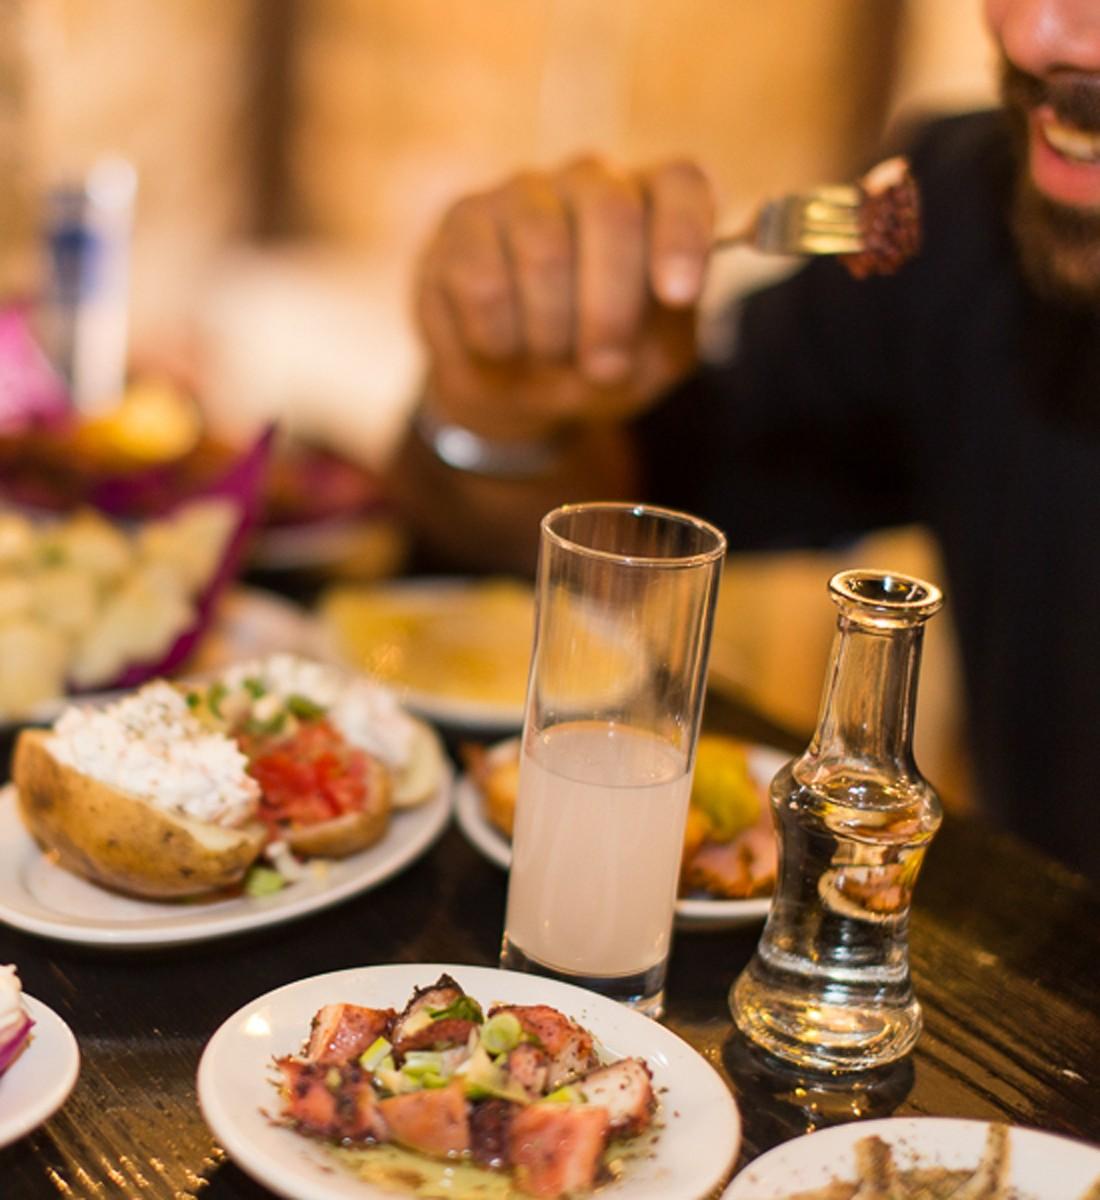 καλύτερα καφενεία Θεσσαλονίκης Καφενείο Πύργος πιάτα